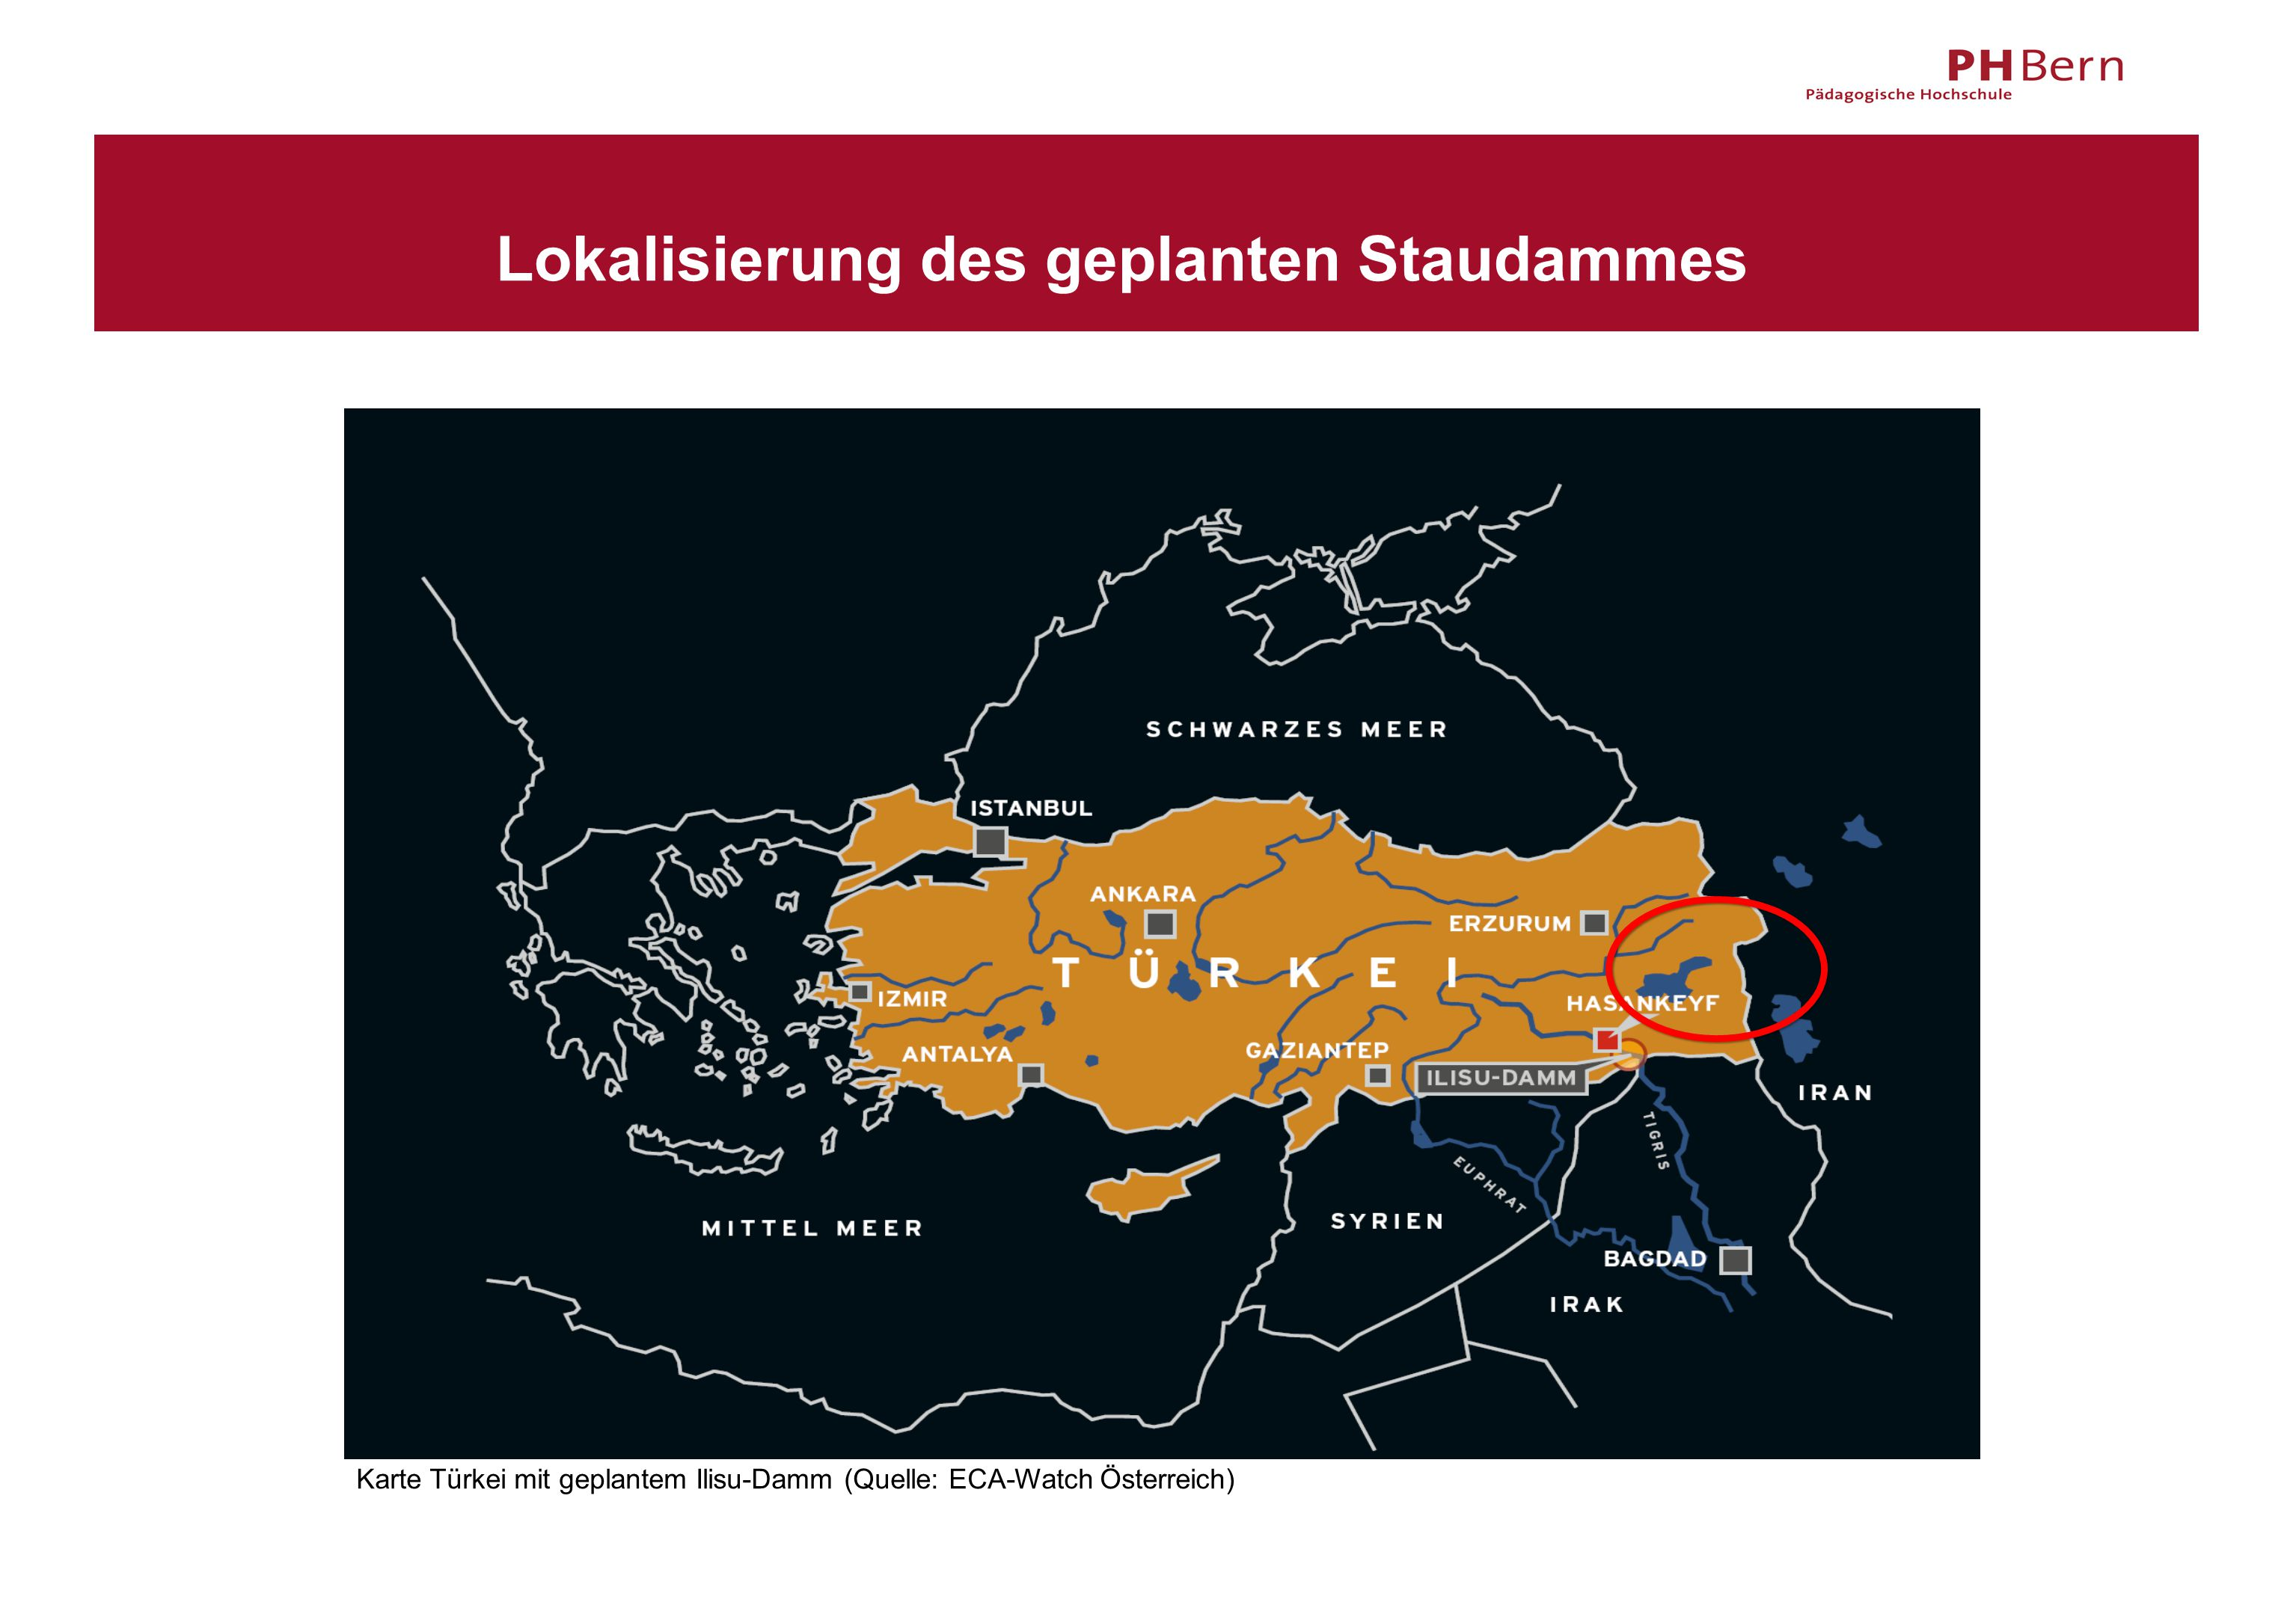 Lokalisierung des geplanten Staudammes